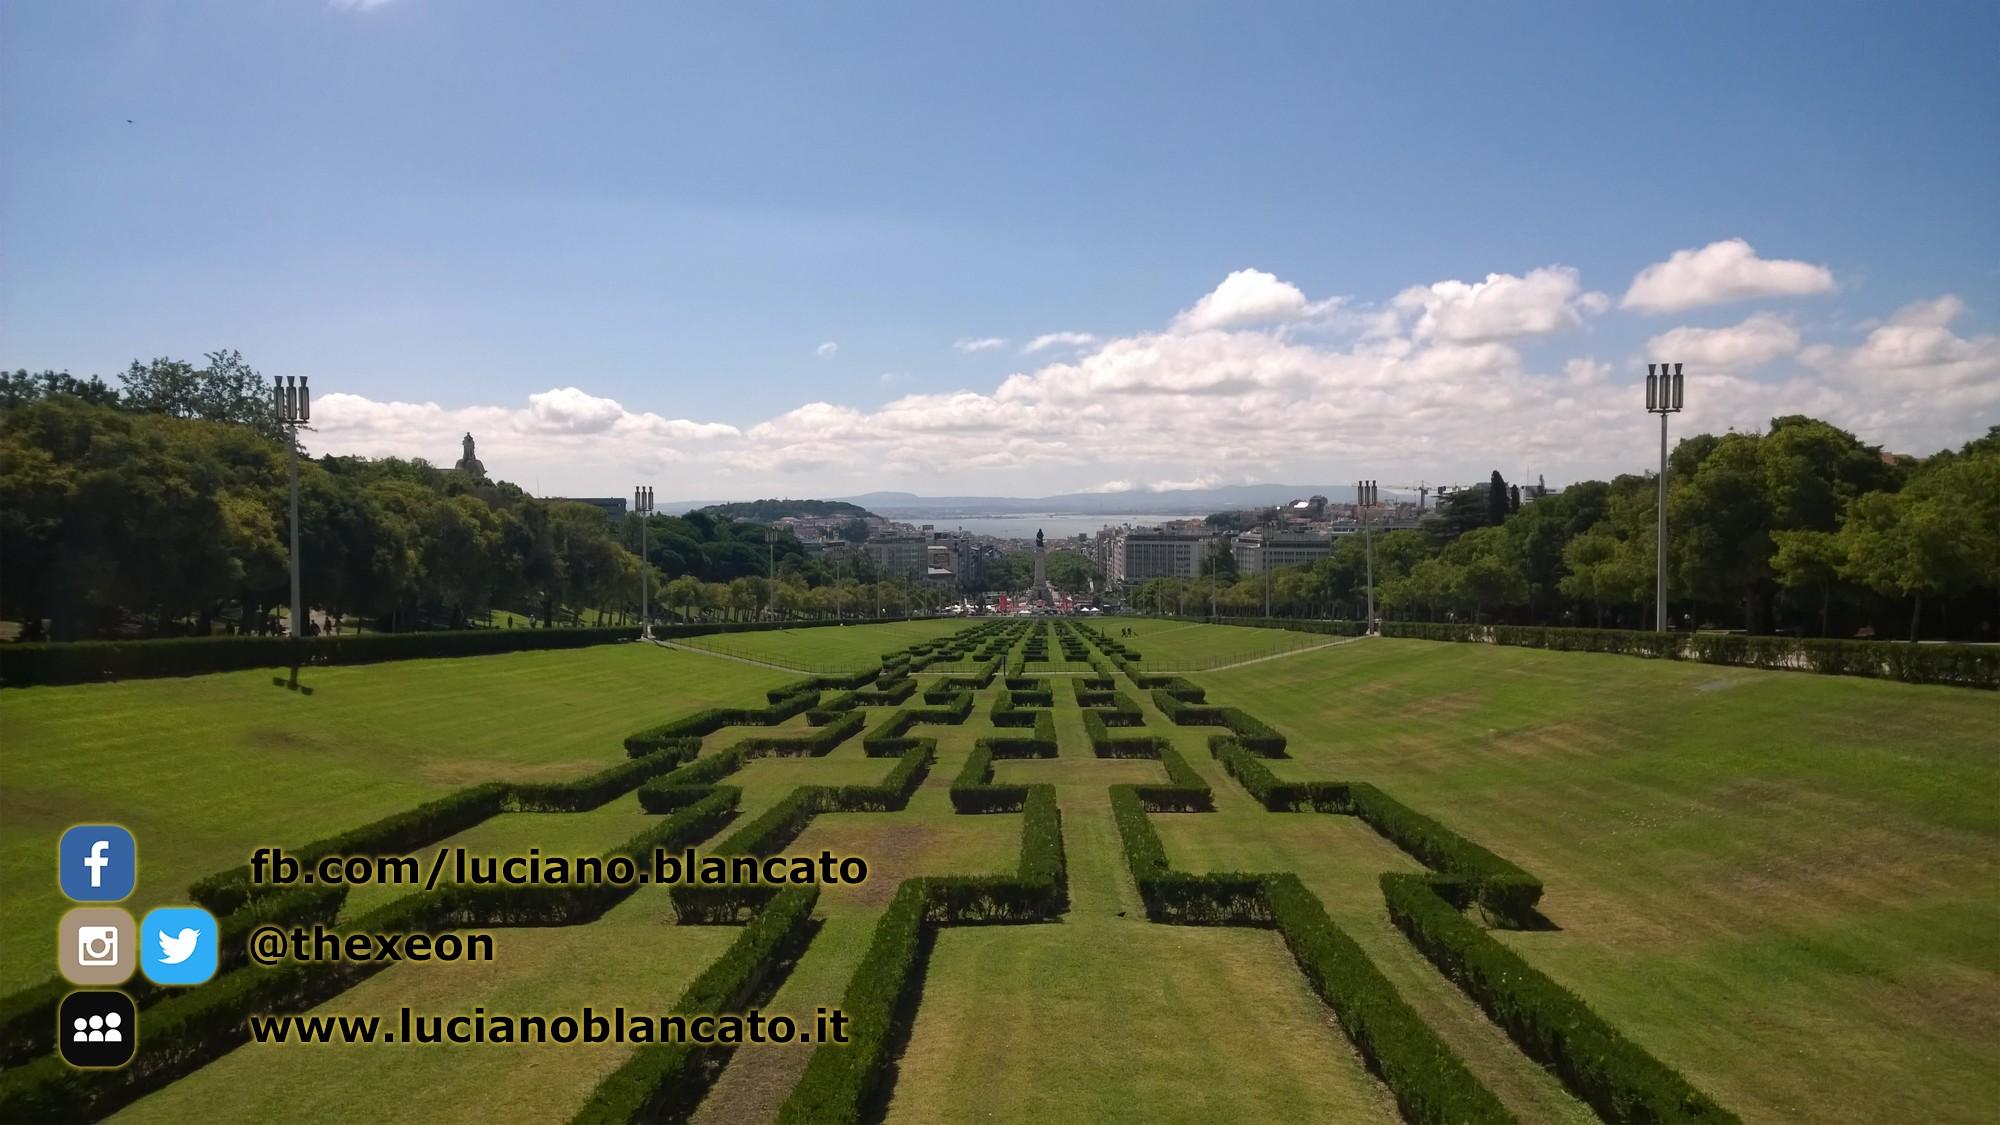 Lisbona - 2014 - Foto n. 0031